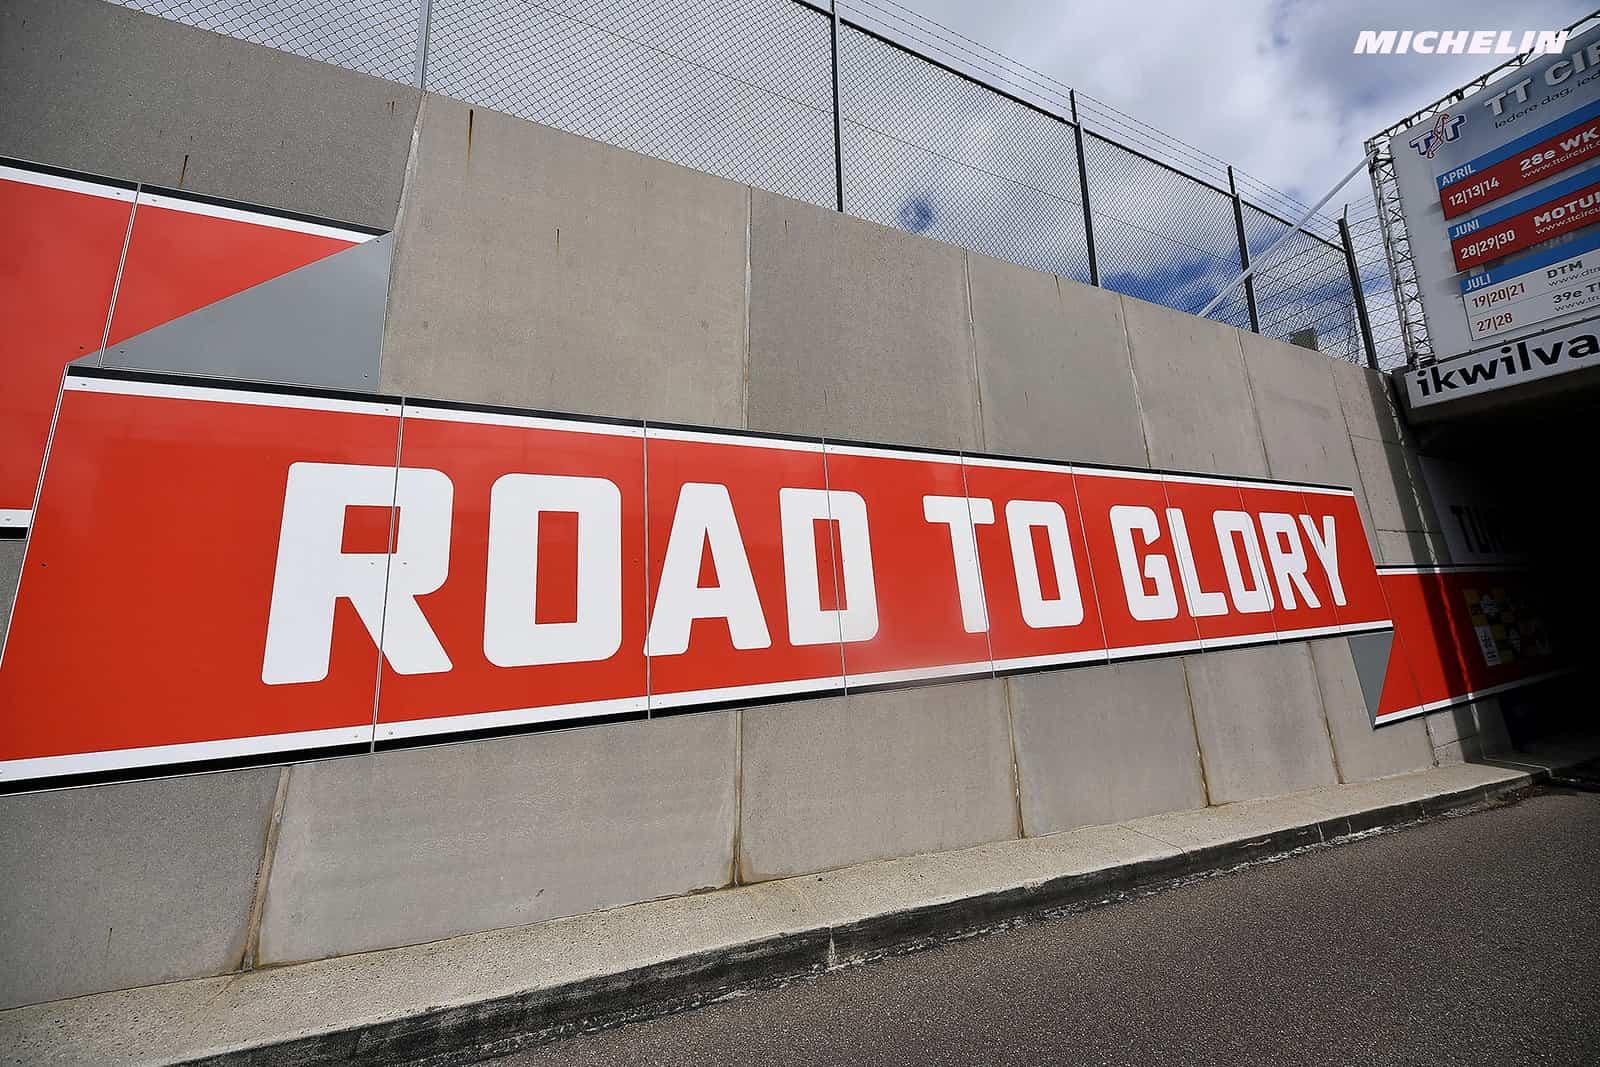 オランダGPの延期は確実 国内の主要スポーツイベント開催禁止が9月まで延長のため